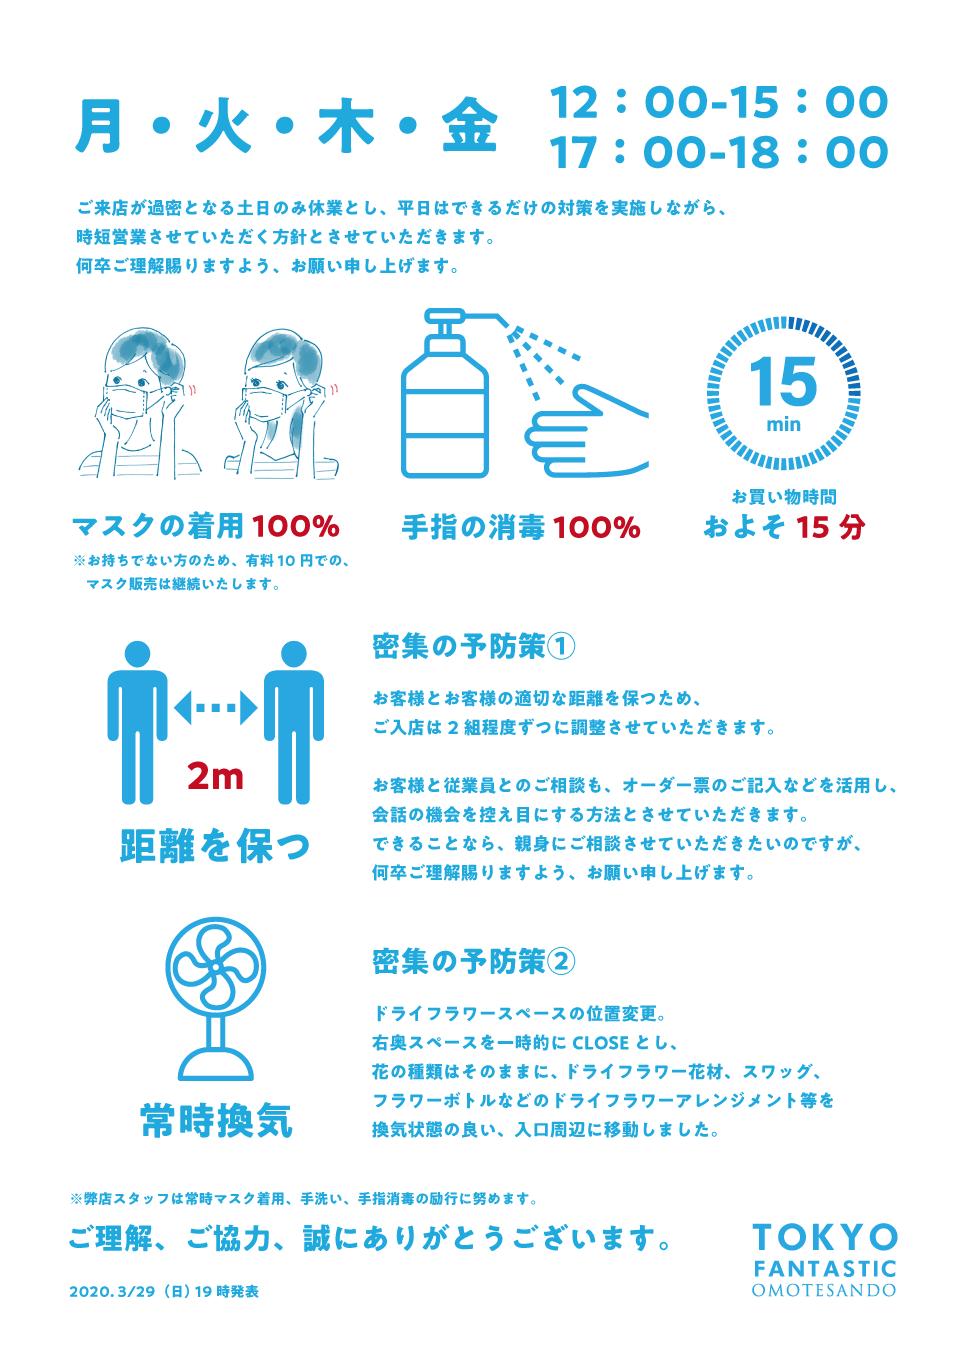 新型コロナウイルス対策とご理解ご協力のお願い